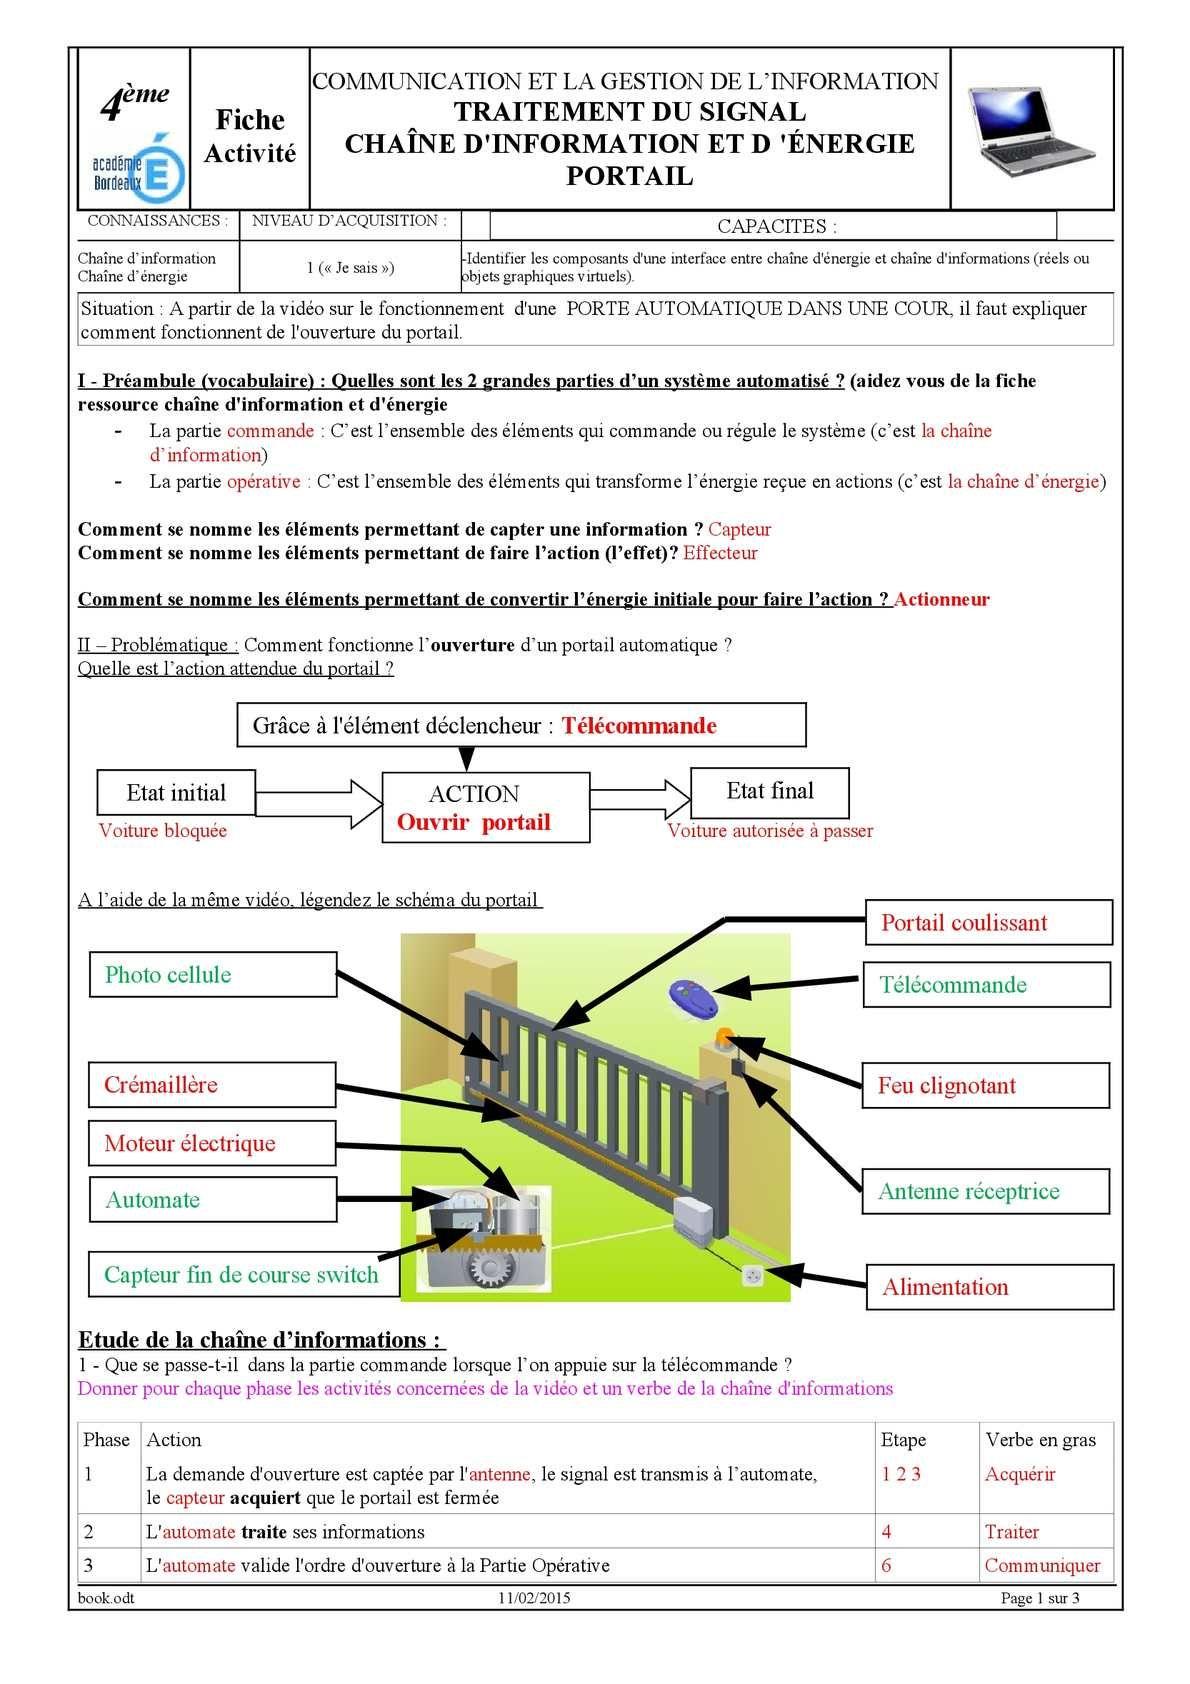 4ème Fiche Activité COMMUNICATION ET LA GESTION DE L'INFORMATION TRAITEMENT DU SIGNAL CHAÎNE D'INFORMATION ET D 'ÉNERGIE PORTAIL CONNAISSANCES : NIVEAU D'ACQUISITION : CAPACITES : Chaîne d'information Chaîne d'énergie 1...